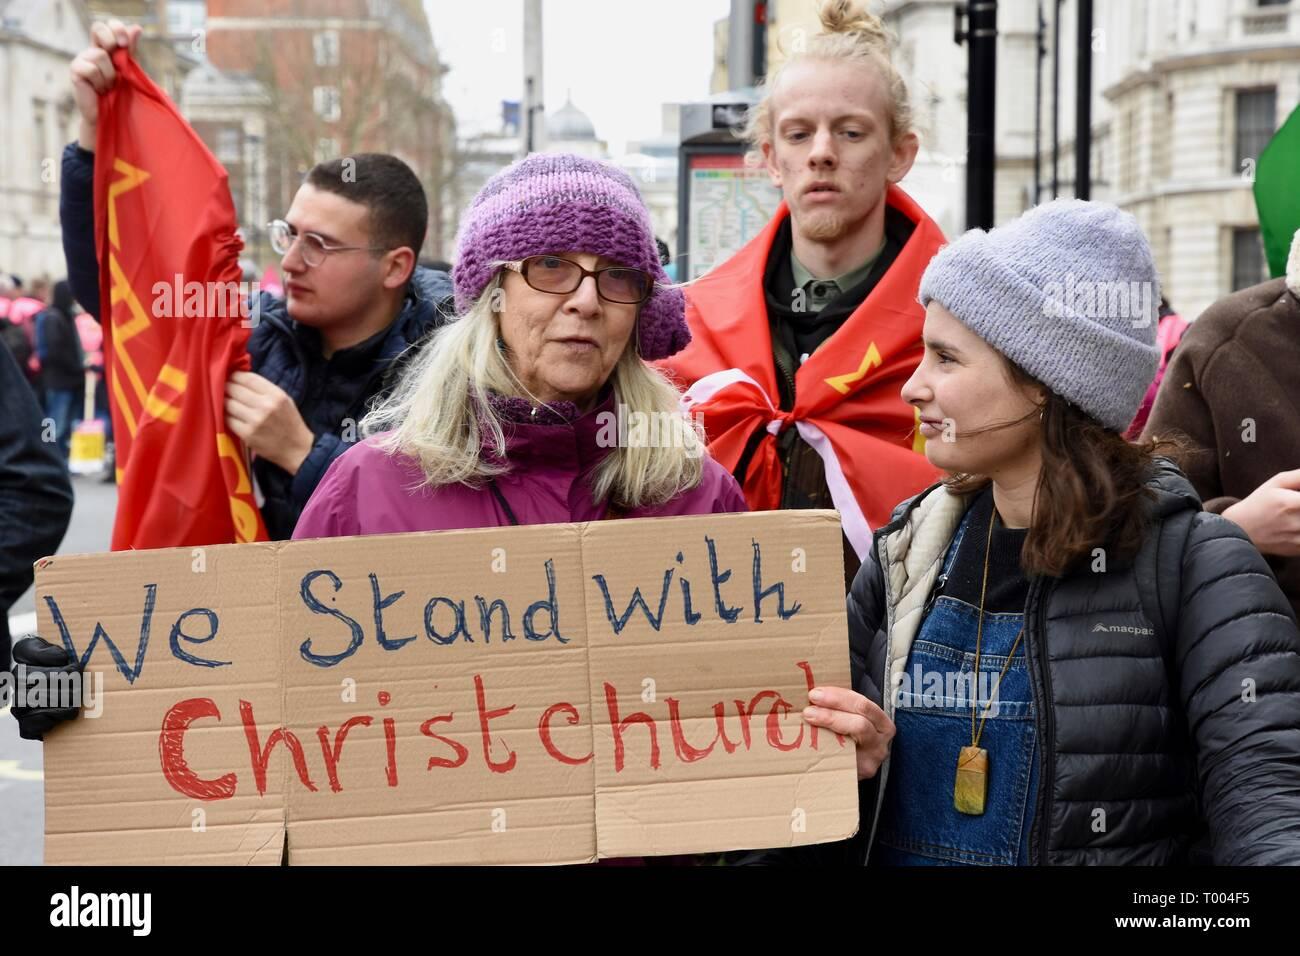 16 marzo 2019. Una delle donne detiene una targhetta per mostrare il suo cordoglio per le vittime degli attentati gun attacco su due moschee in Nuova Zelanda.ONU contro il razzismo giorno dimostrazione,Whitehall,London.UK Immagini Stock